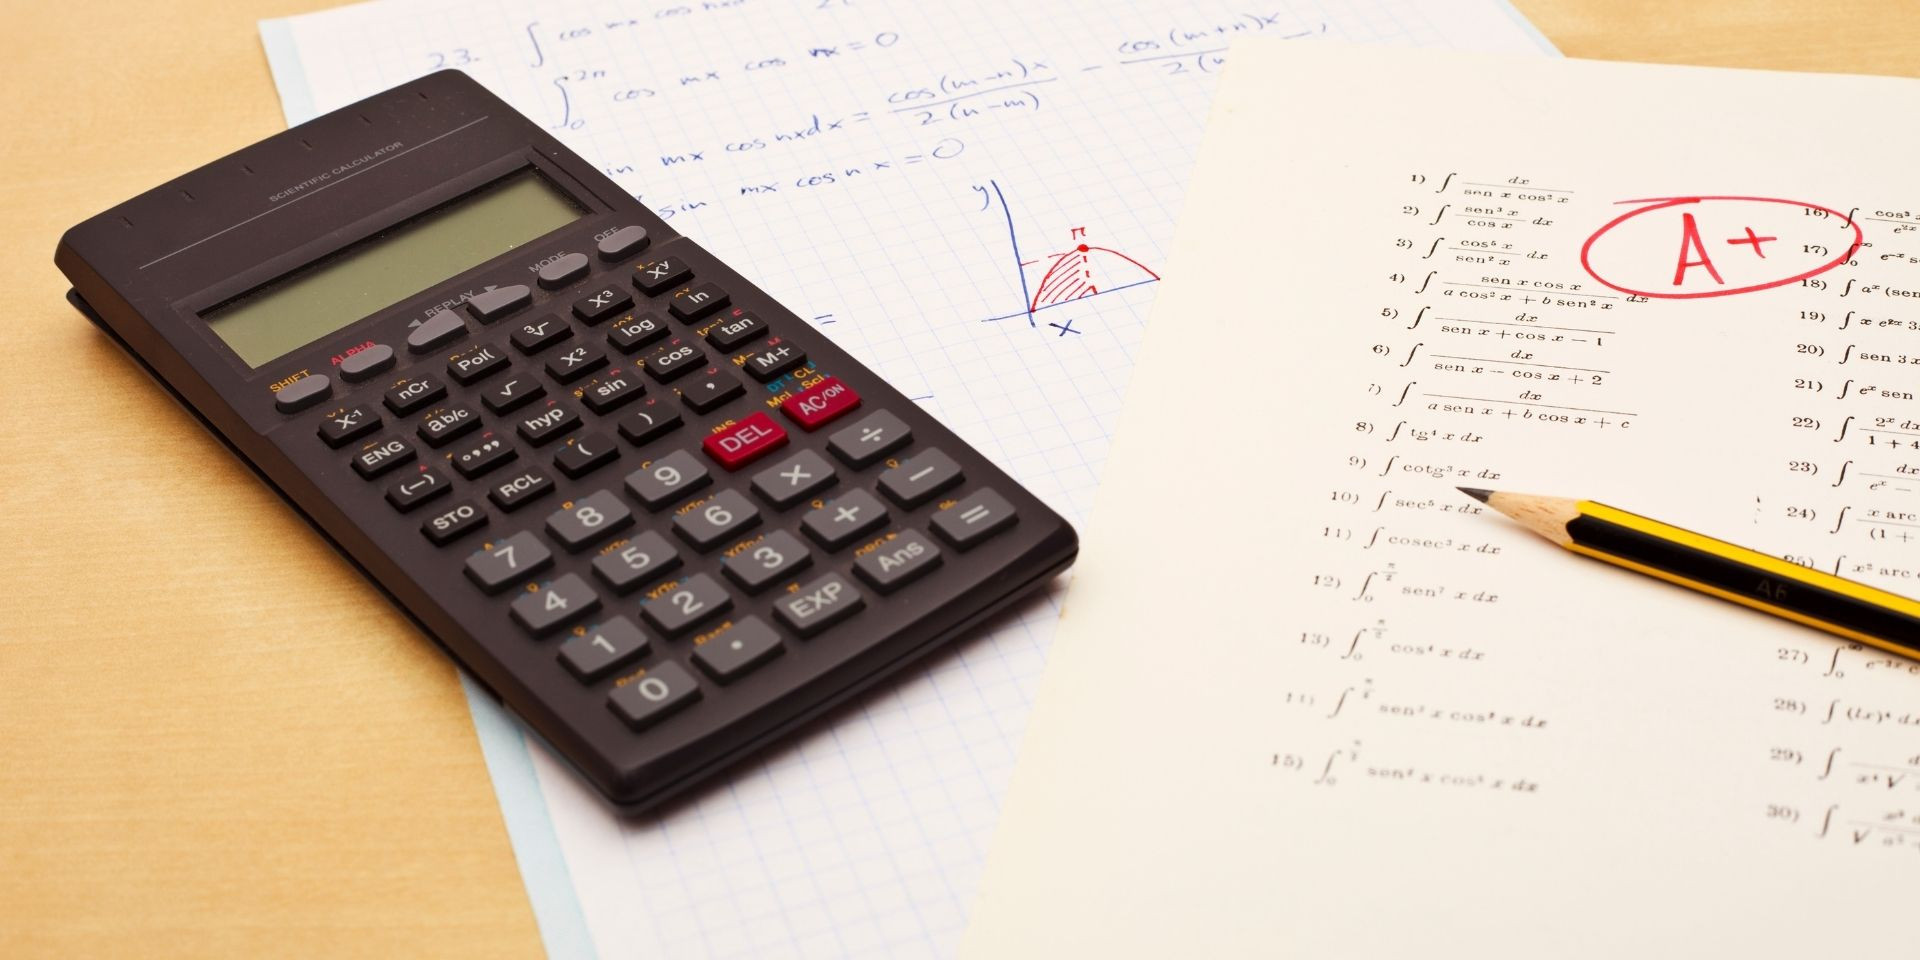 Les meilleurs trucs pour réussir tes examens de maths